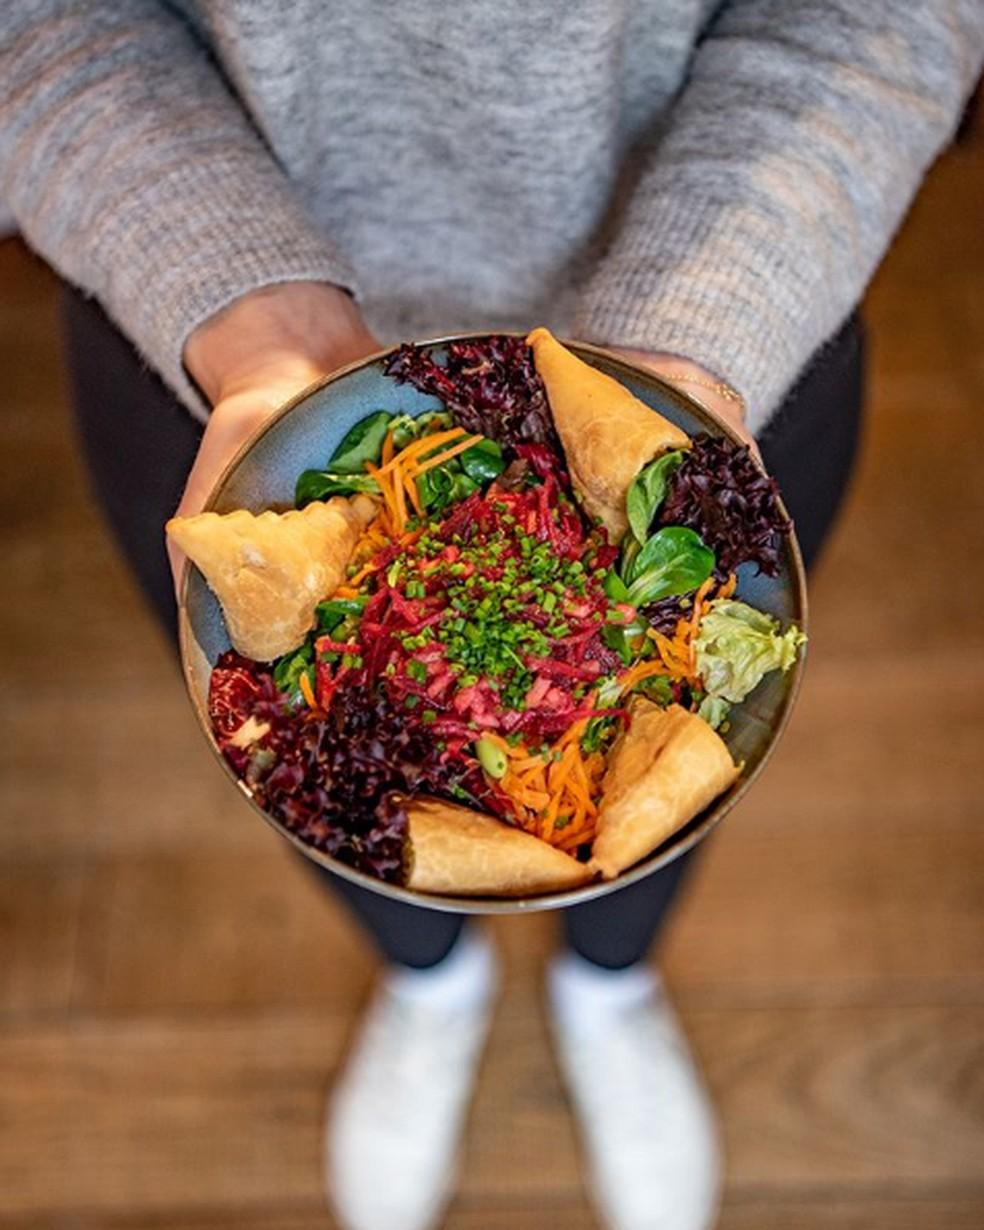 Quando os sabores indianos foram introduzidos no cardápio em 1951, o Haus Hiltl finalmente decolou — Foto: Reprodução/Instagram